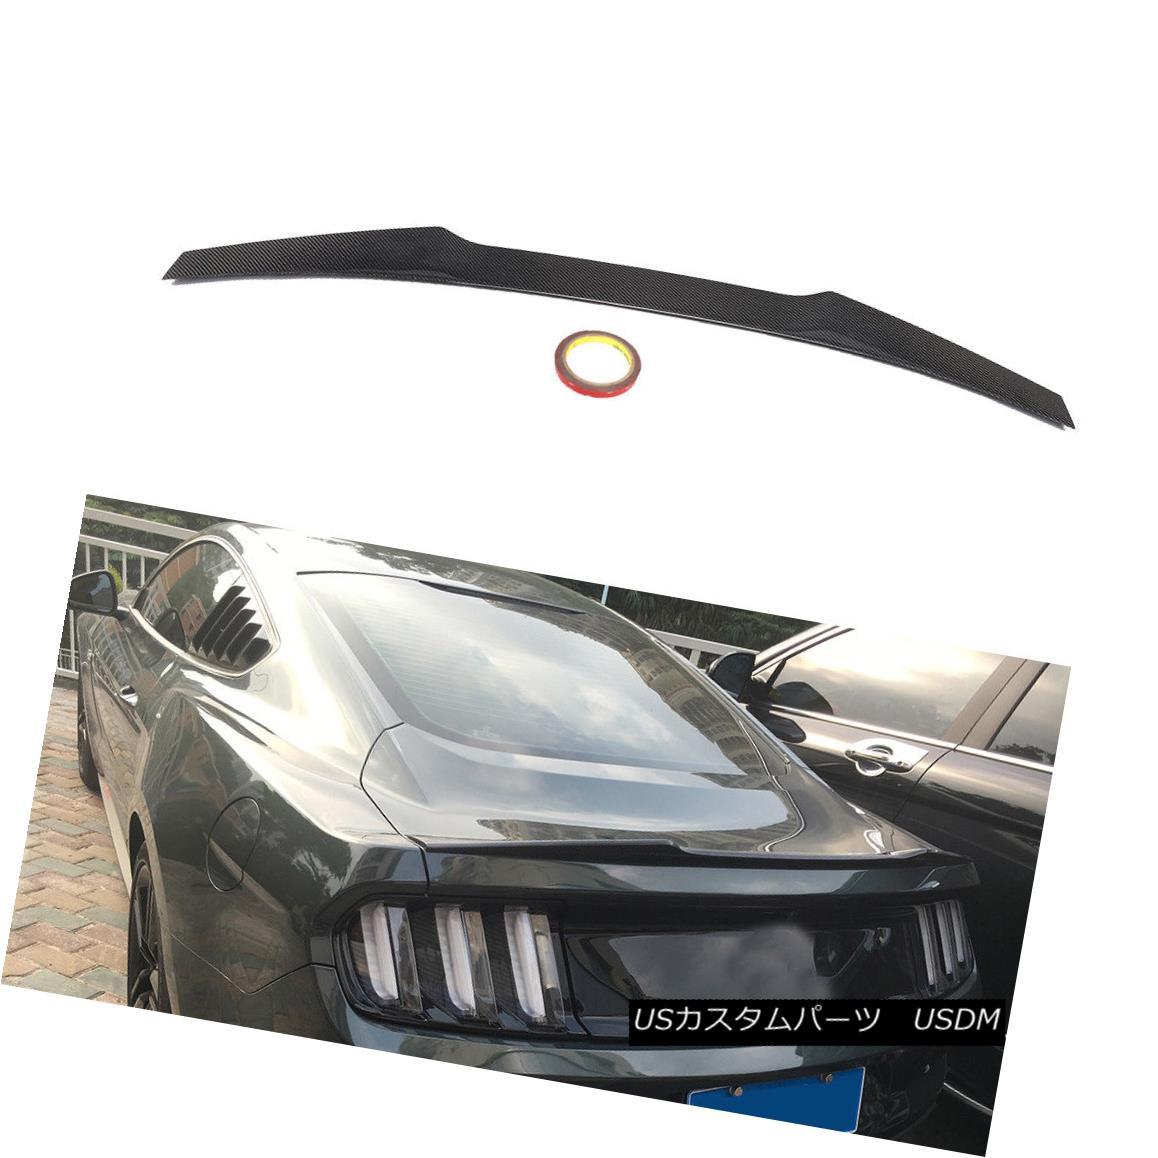 エアロパーツ Carbon Rear Tail Trunk Spoiler Wing Fit for Ford Mustang GT Coupe 2015-2017 フォードマスタングGTクーペ2015-2017のカーボンリアテールトランクスポイラーウィングフィット